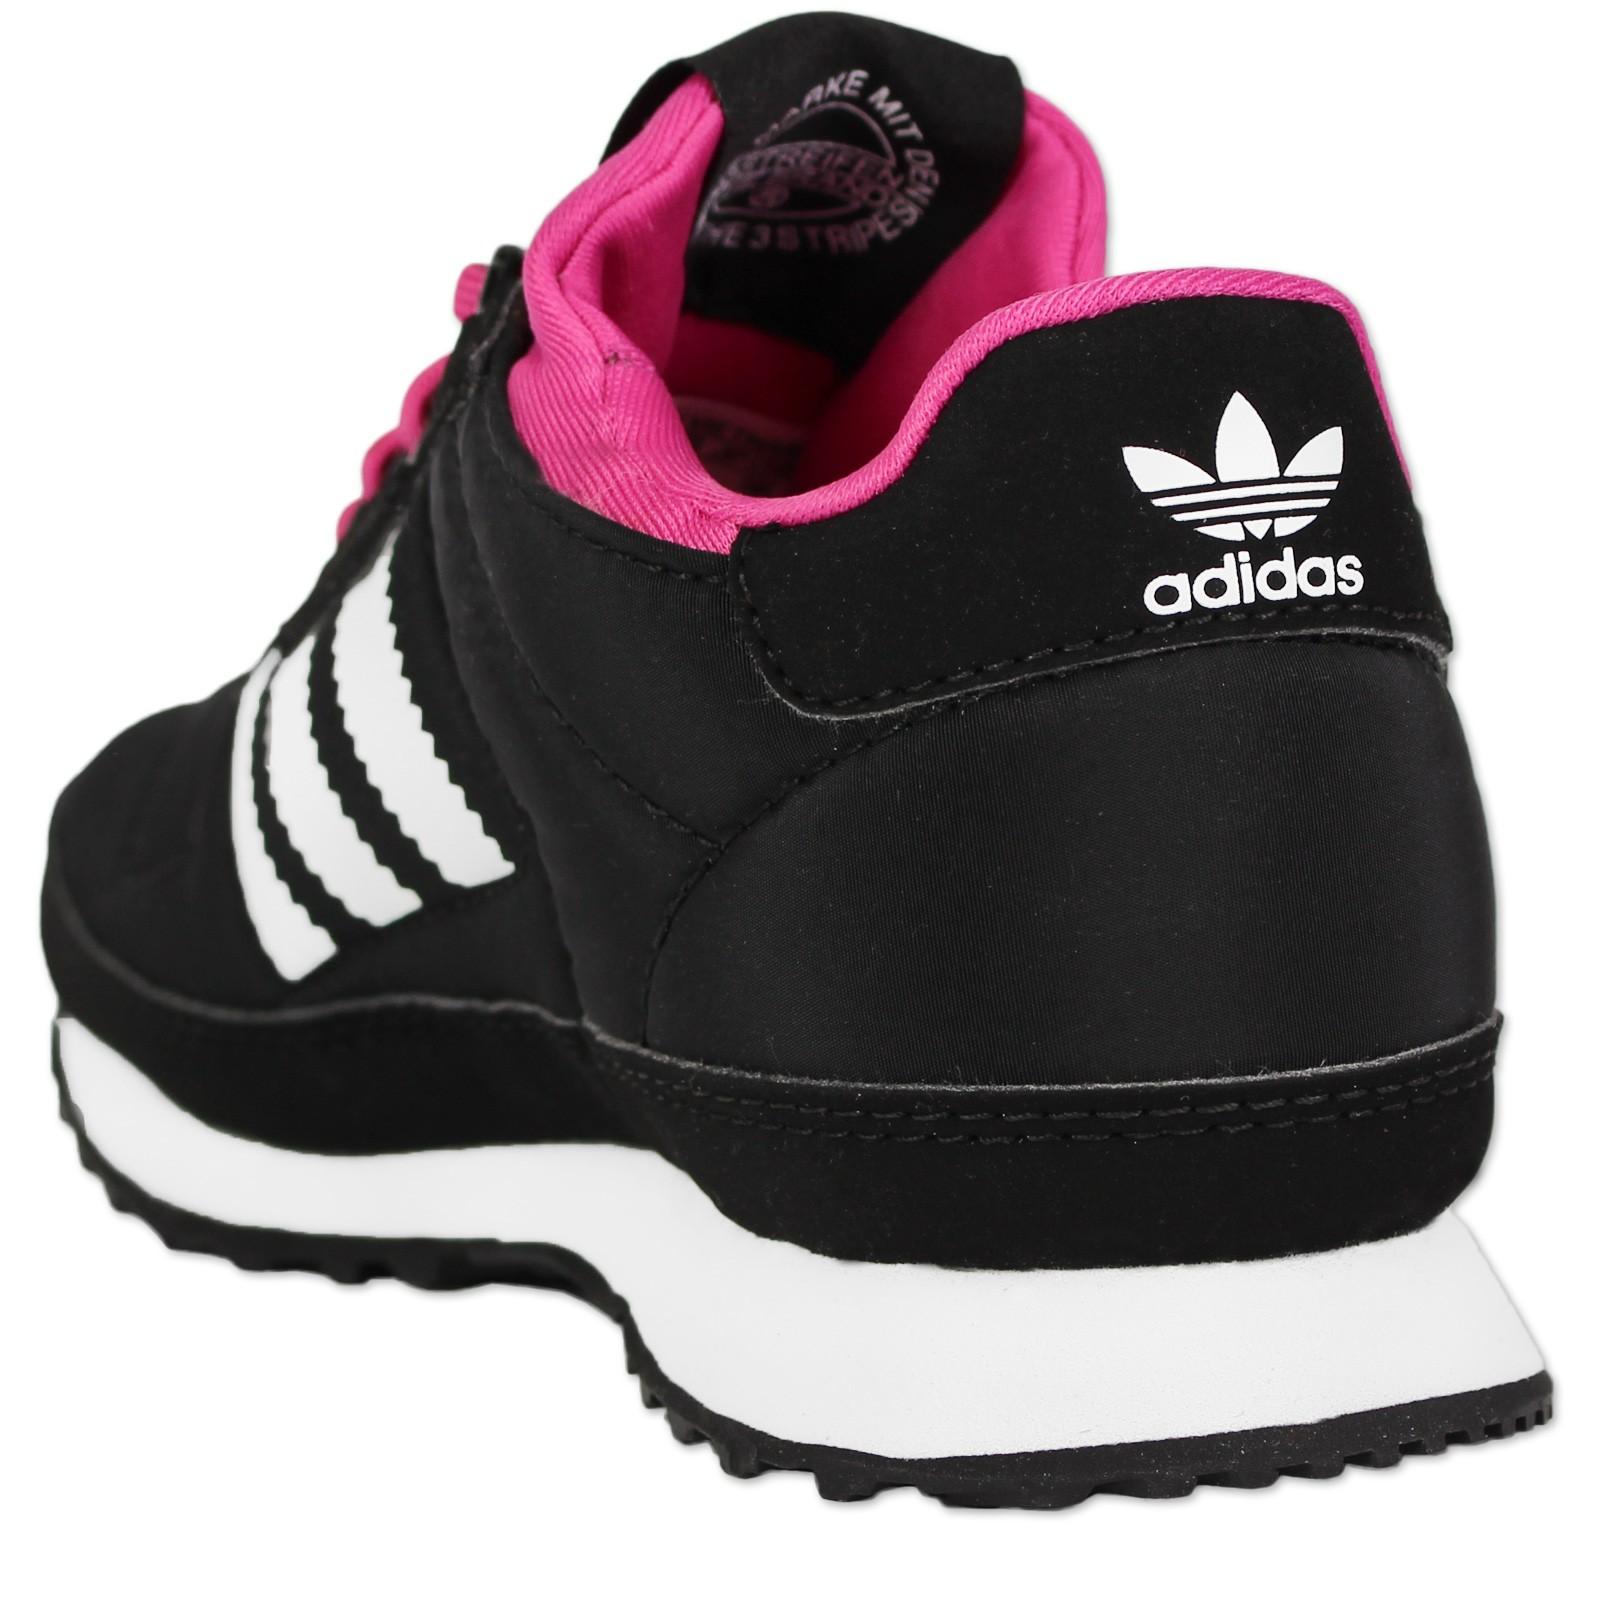 adidas originals zx 700 primaloft k kinder sneaker turn. Black Bedroom Furniture Sets. Home Design Ideas